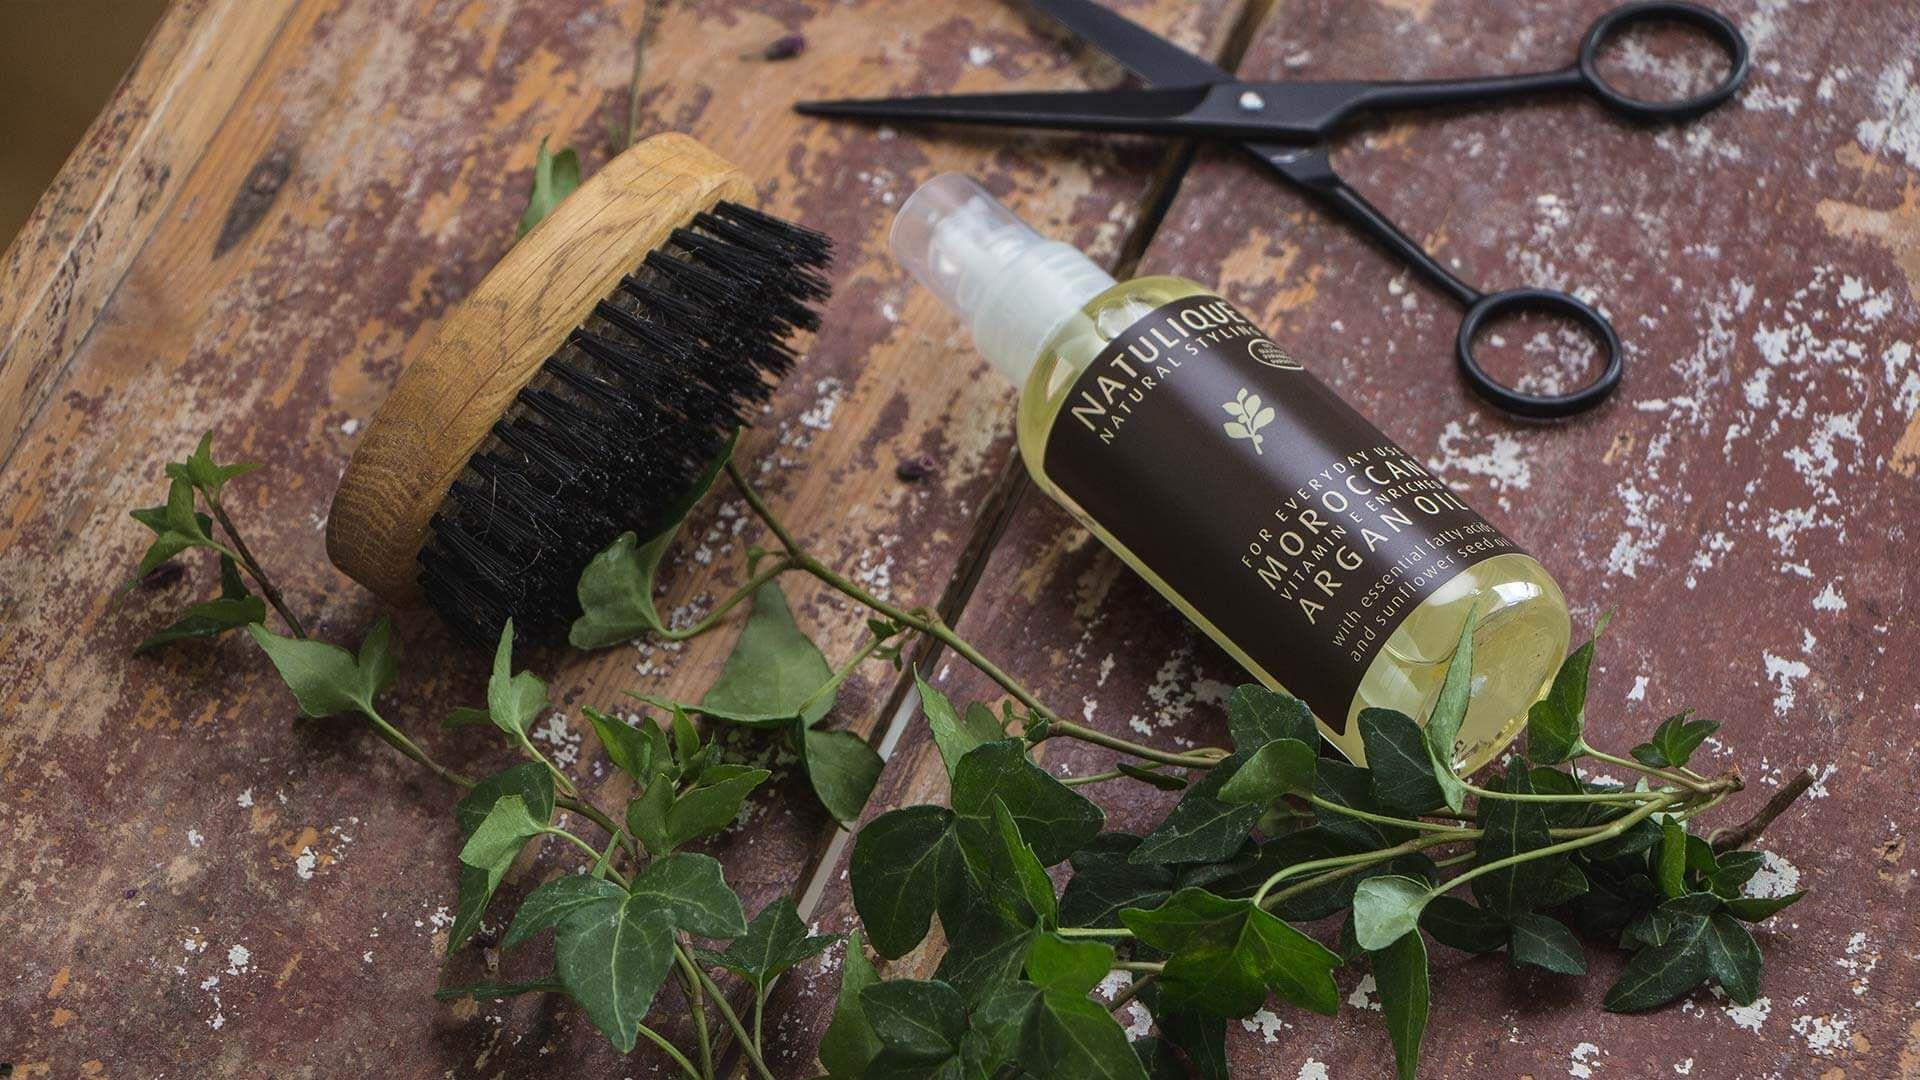 Natulique Argan Oil